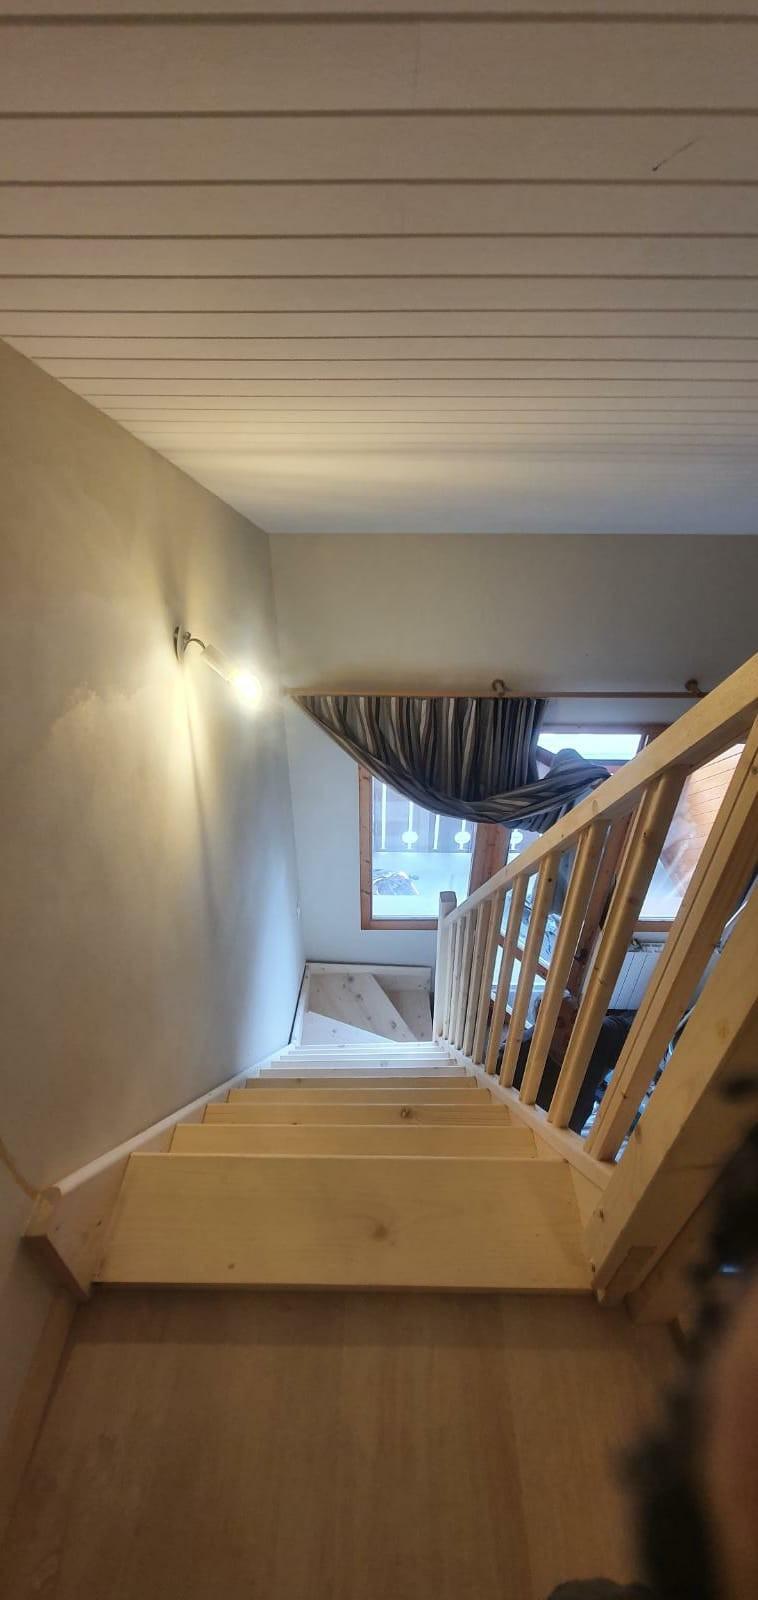 Escalier - accès combles aménagées